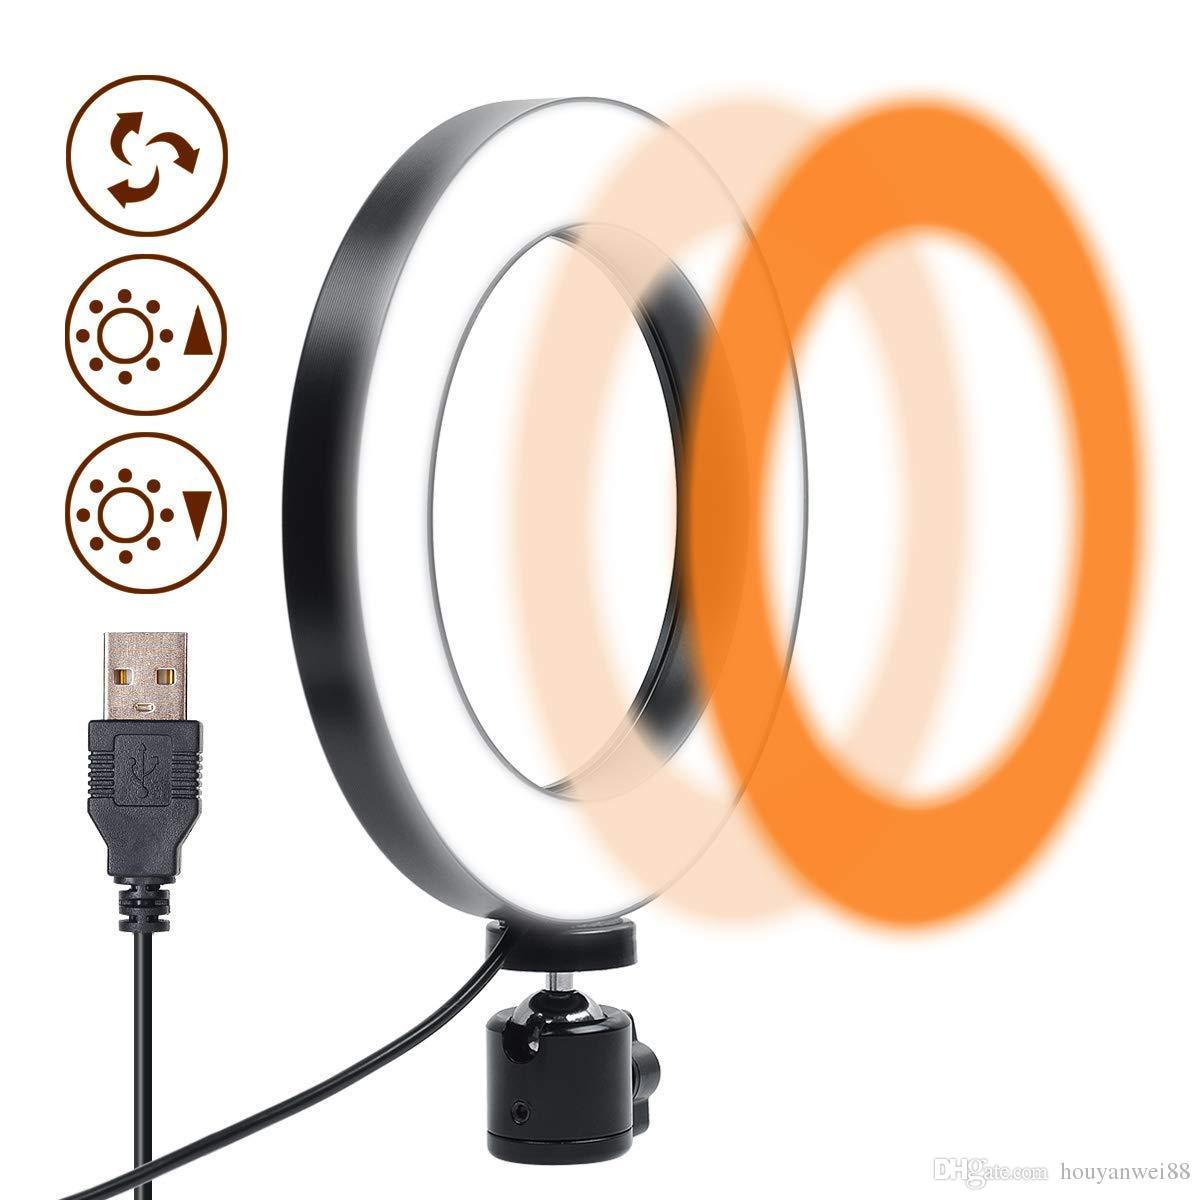 LumièresRotation Lampe Réglable Annulaire À LedIntensité Usb 360 DegrésLumière Plastique De Mode Rajeunissement Avec En 3 Douce eQCdxBWro